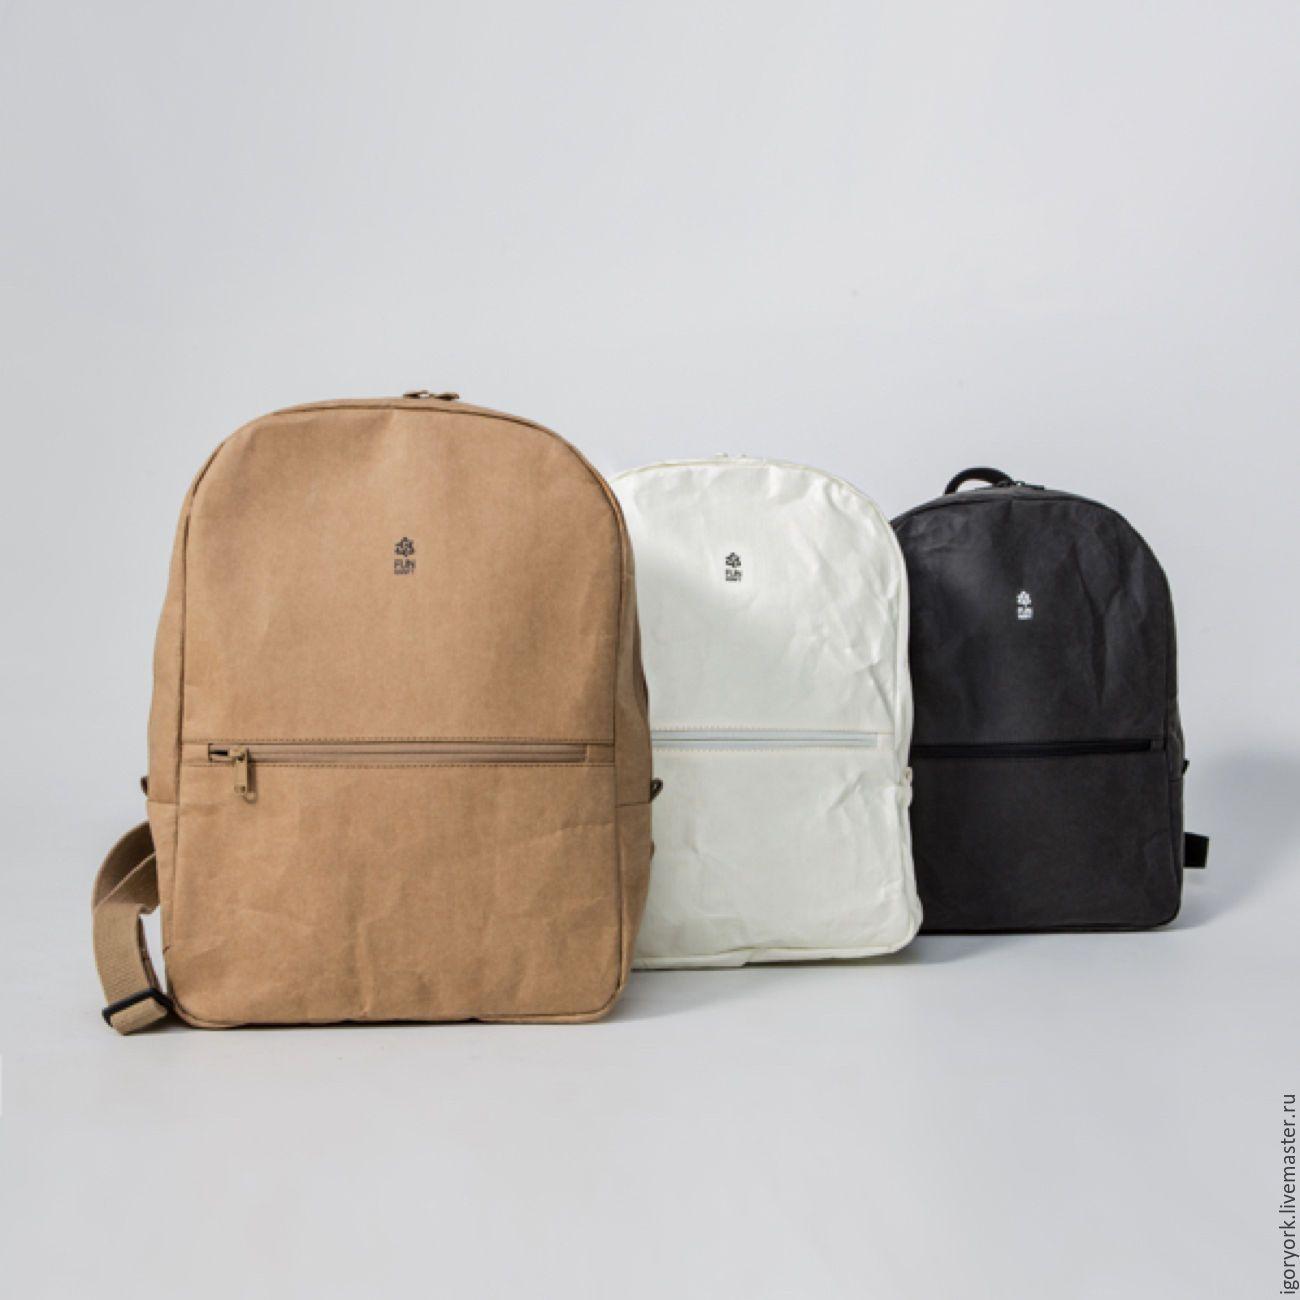 Однотонный рюкзак школьный рюкзак ортопедический